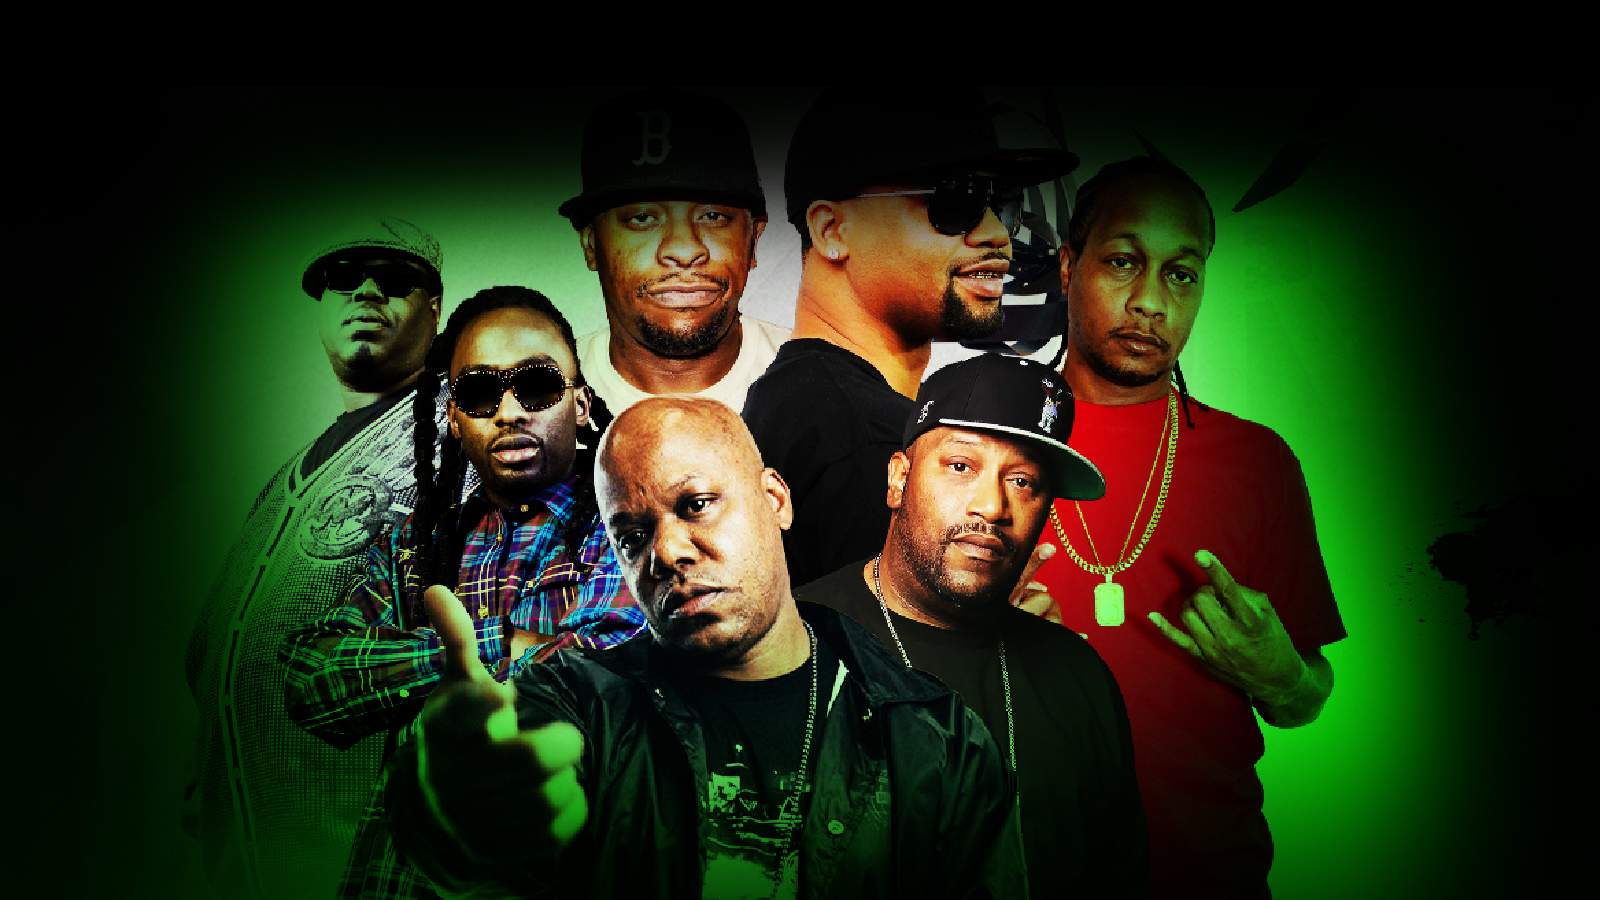 All Star Legends of Hip Hop (Rescheduled from 4/4/2020, 6/5/2020, 10/9/2020)